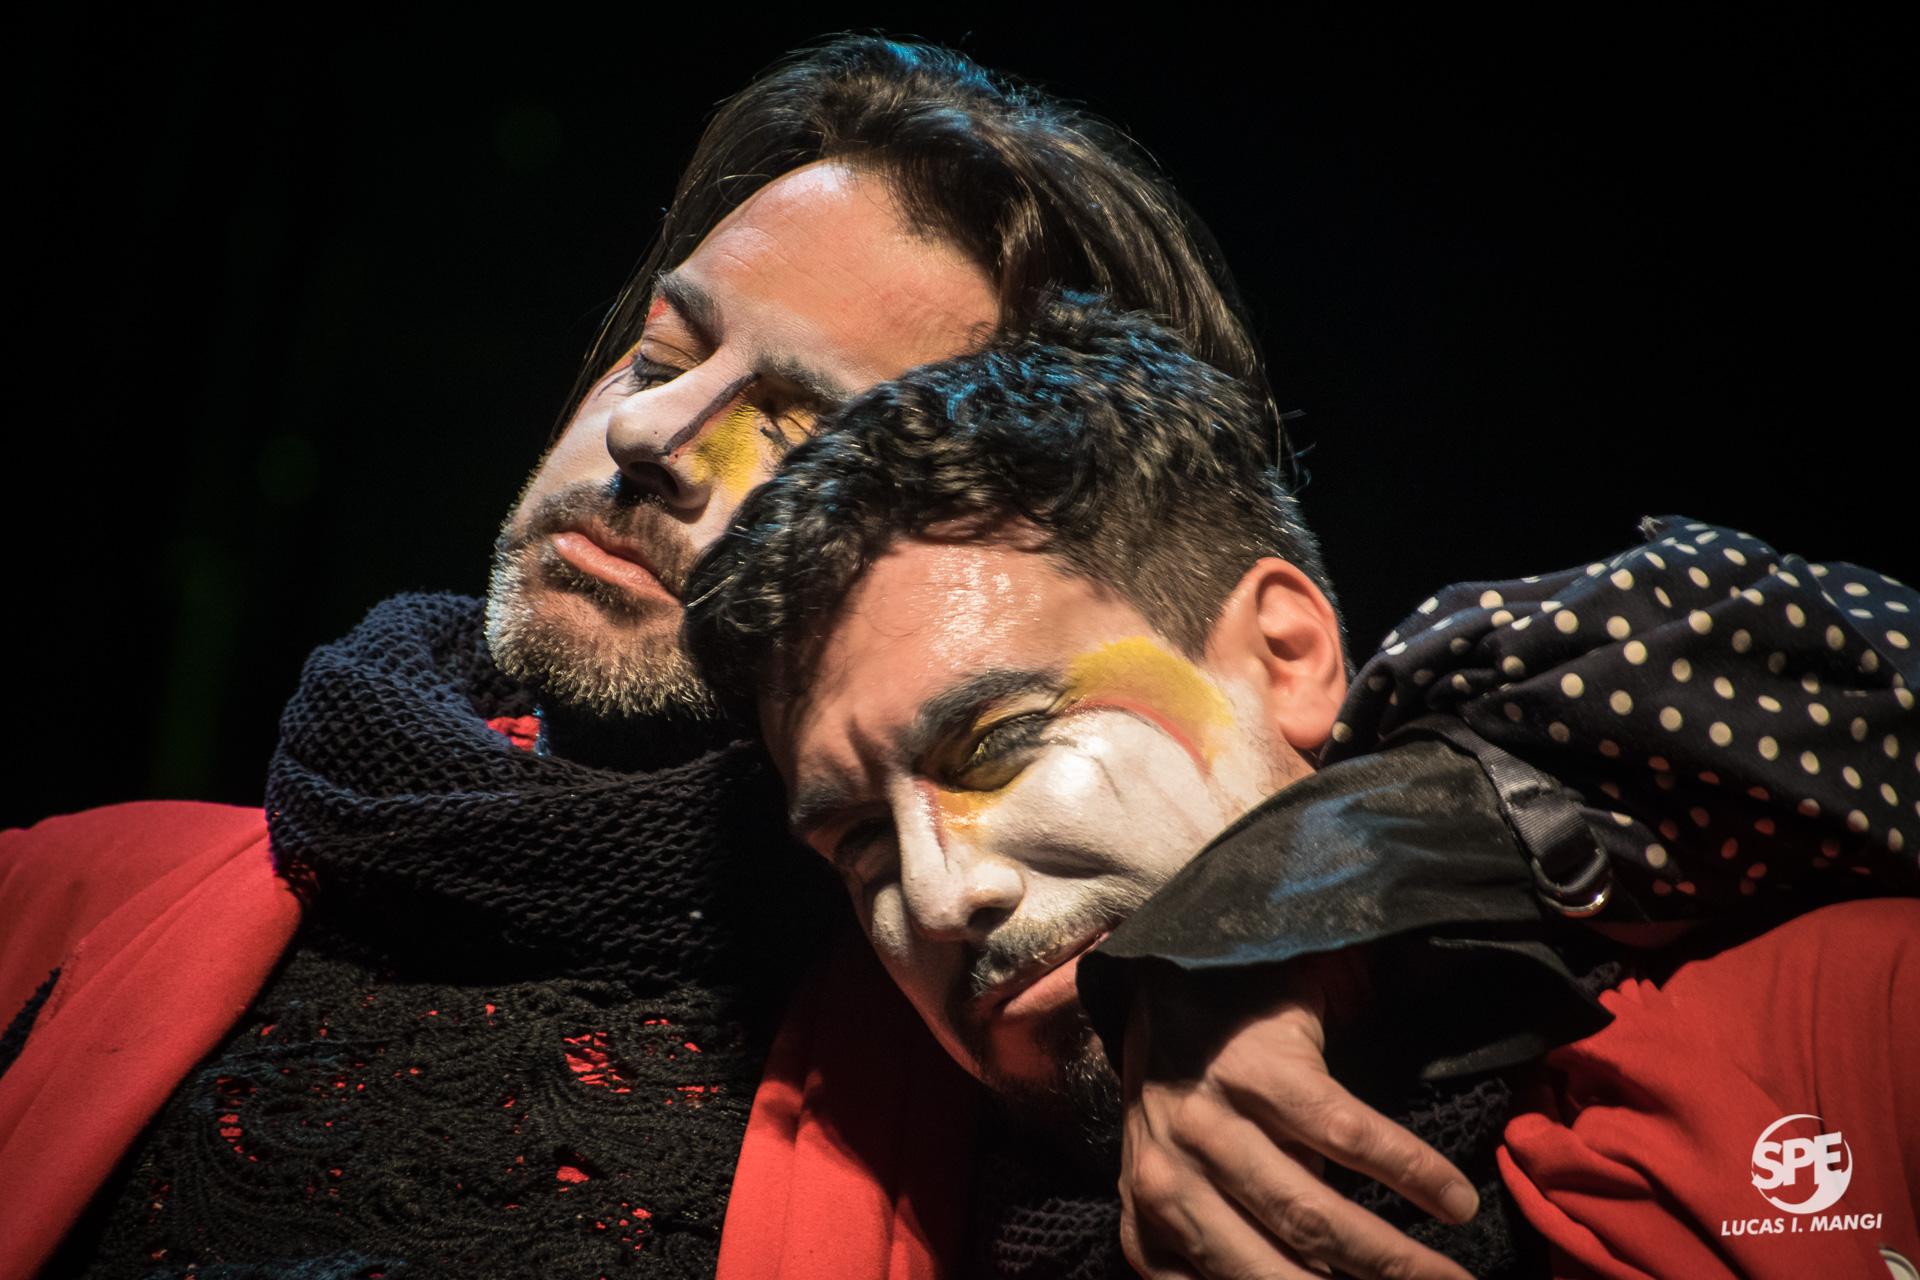 LA TRASNOCHADA - 30.06.19 @ TEATRO OPERA ORBISCerrando el FestiBAl Otoño 2019, la murga uruguaya se presentó en un espectáculo único.